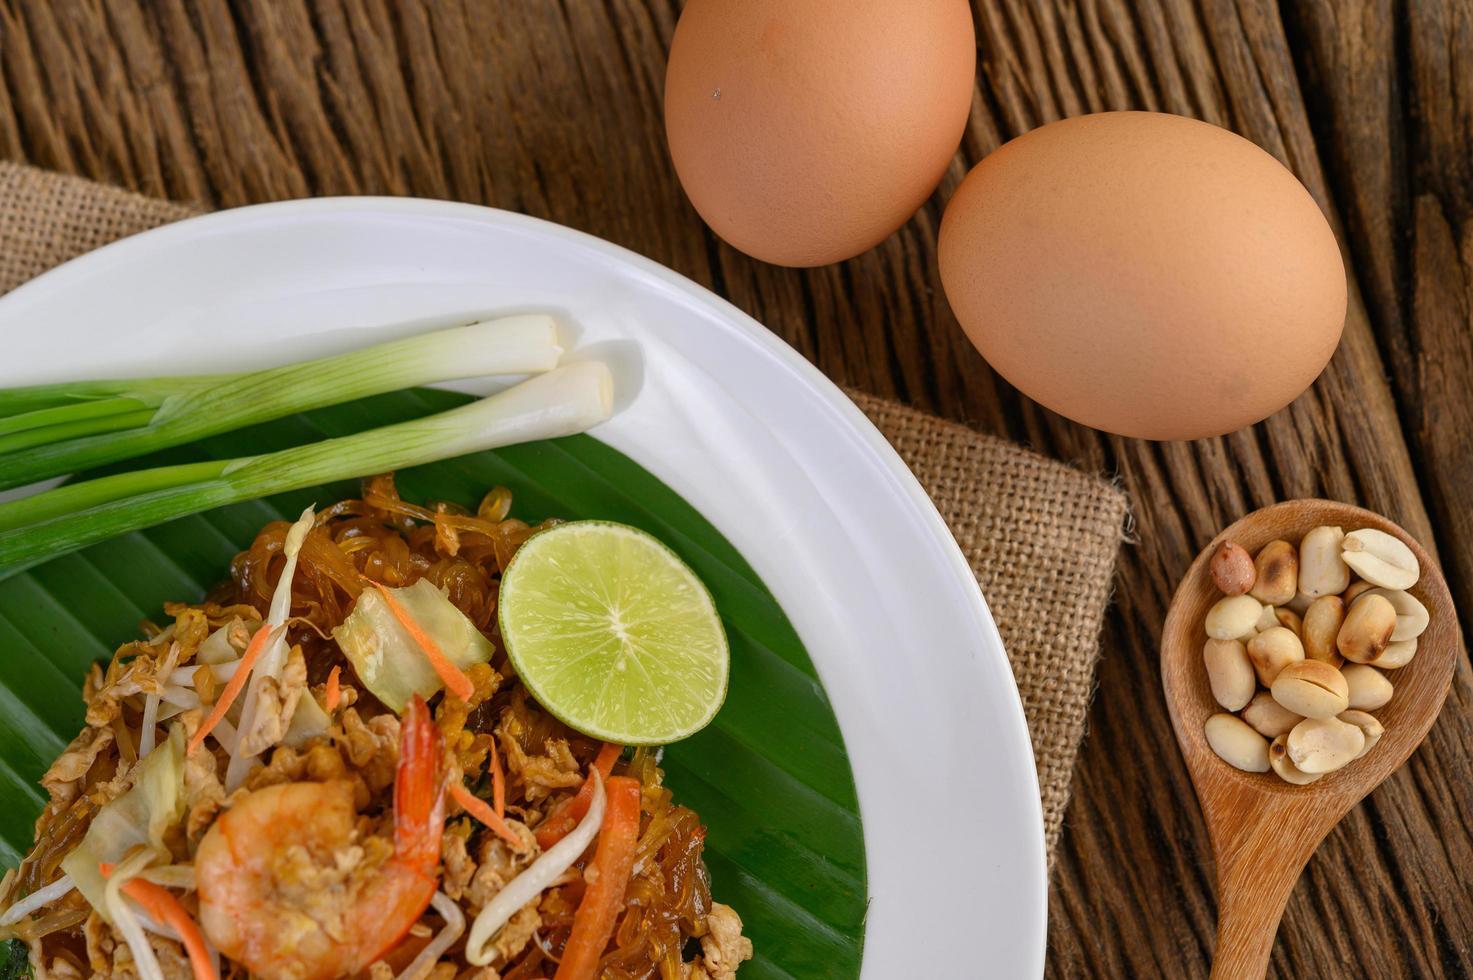 prato de camarão pad thai com limão e ovos foto